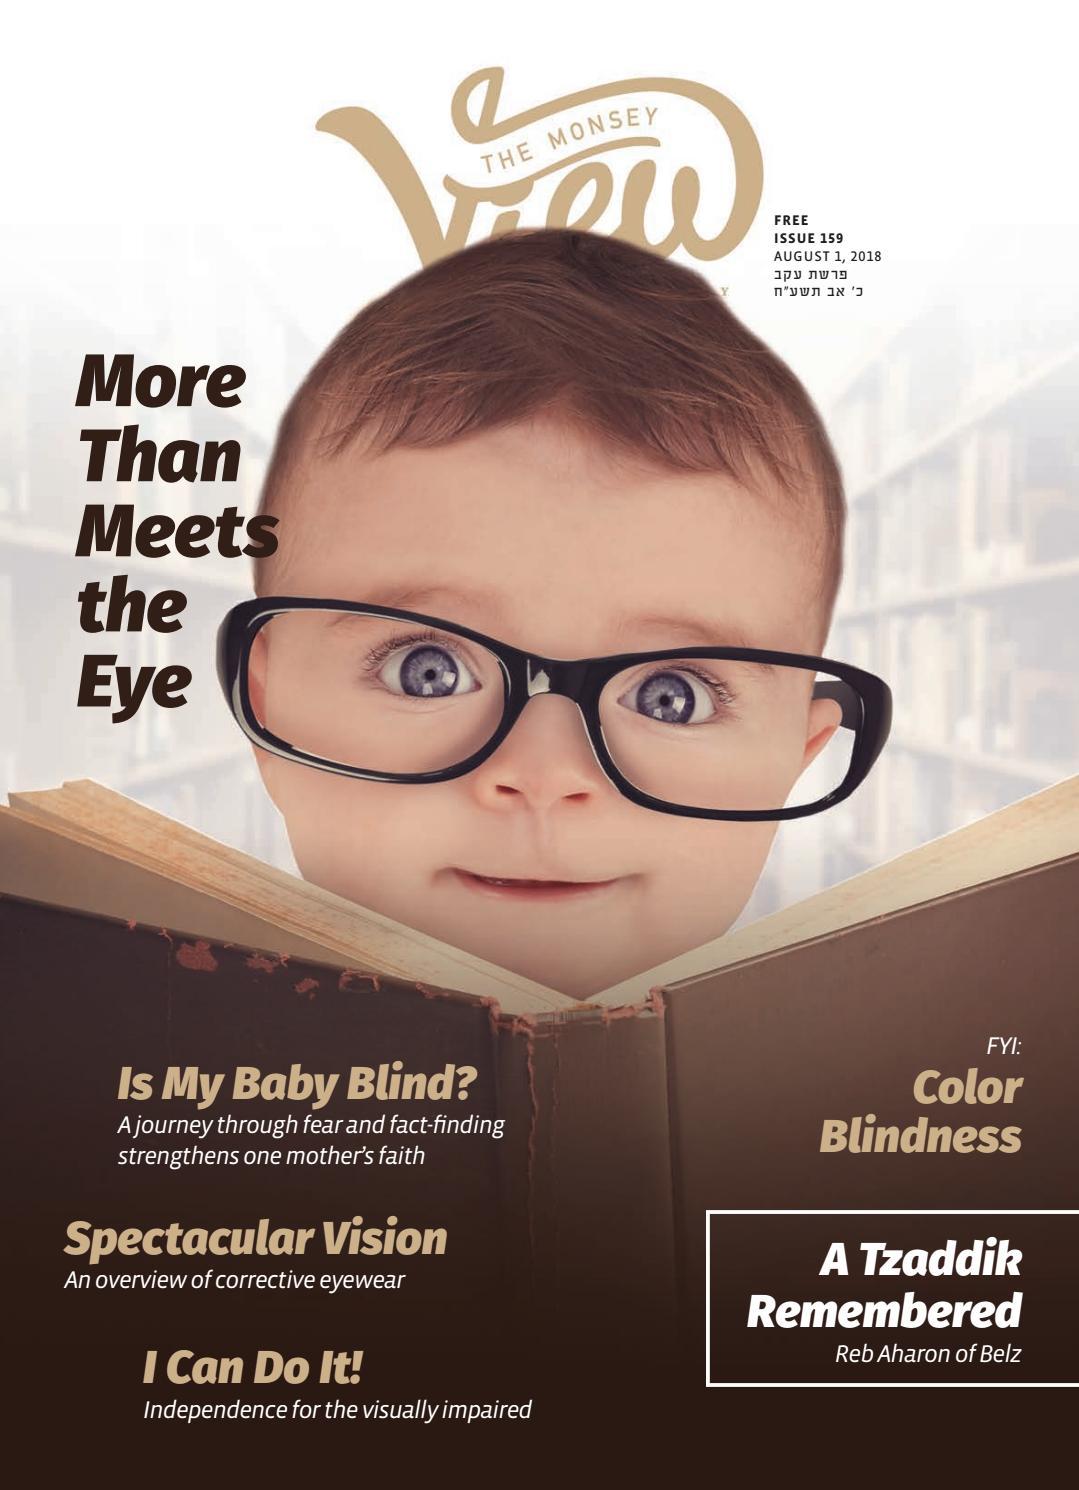 látásélesség meghatározása a látássérülteknél